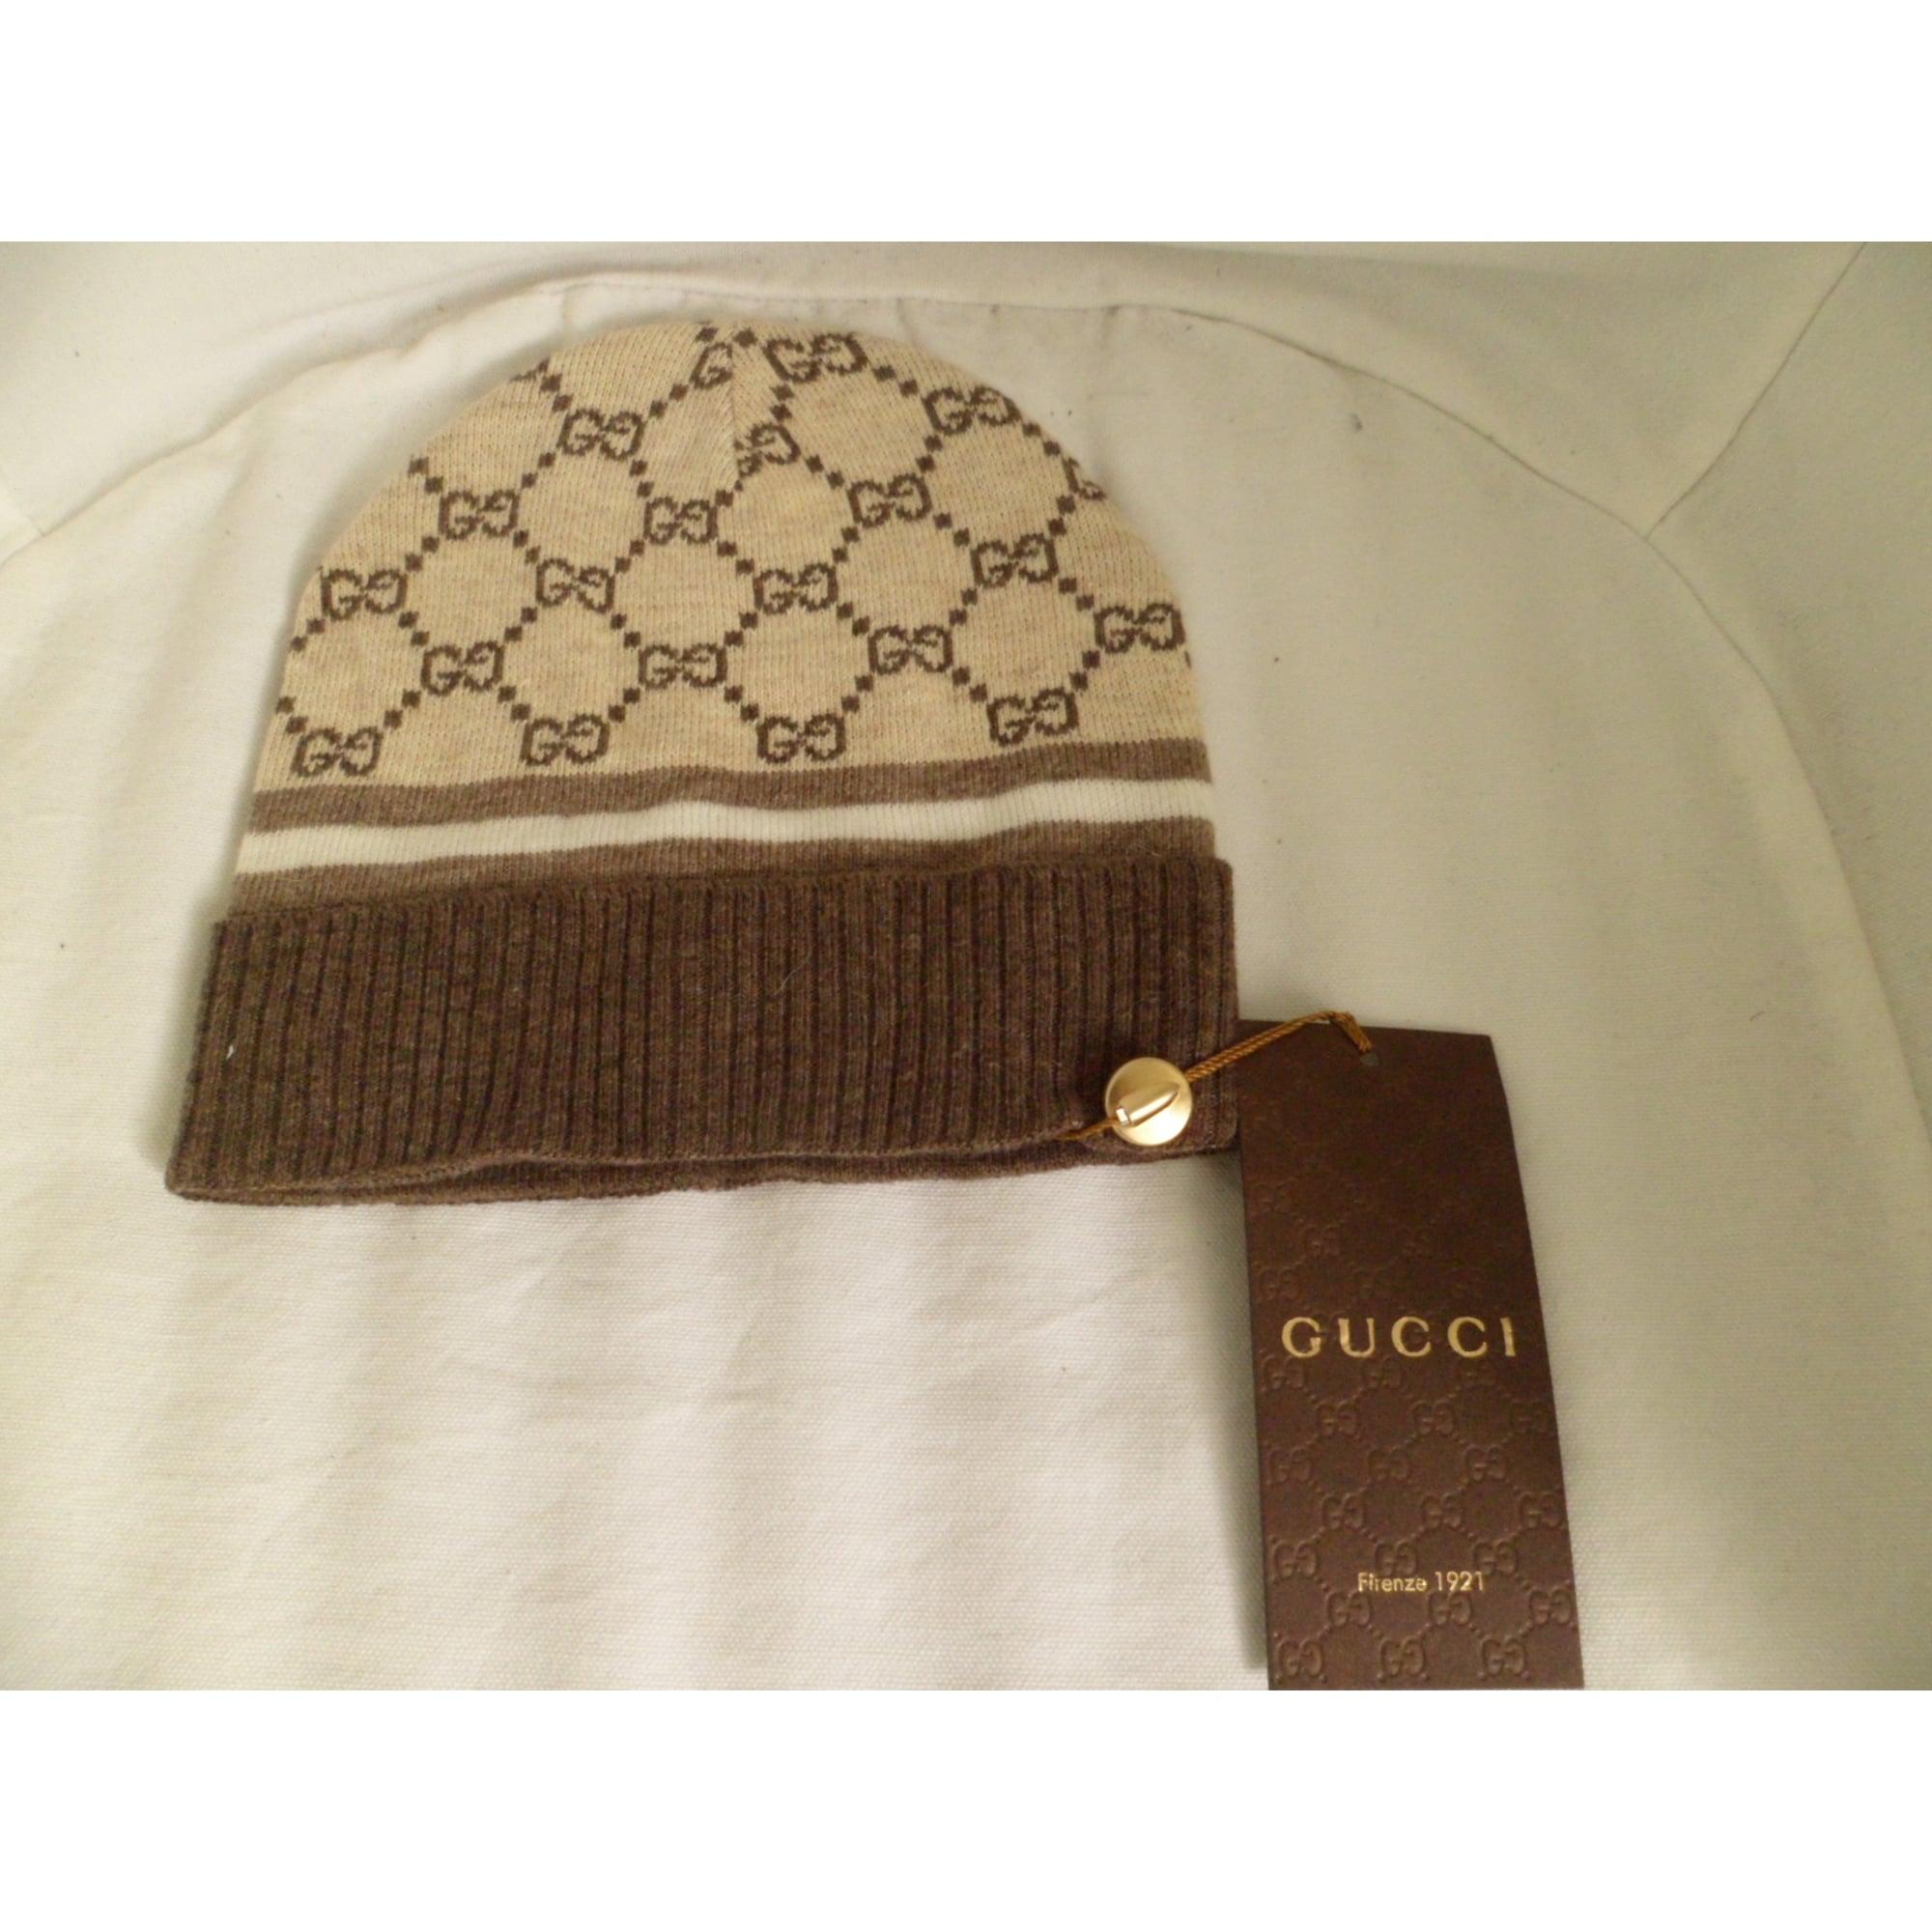 Bonnet GUCCI Taille unique beige vendu par D anthony 49467882 - 1620968 0725a8fe45e